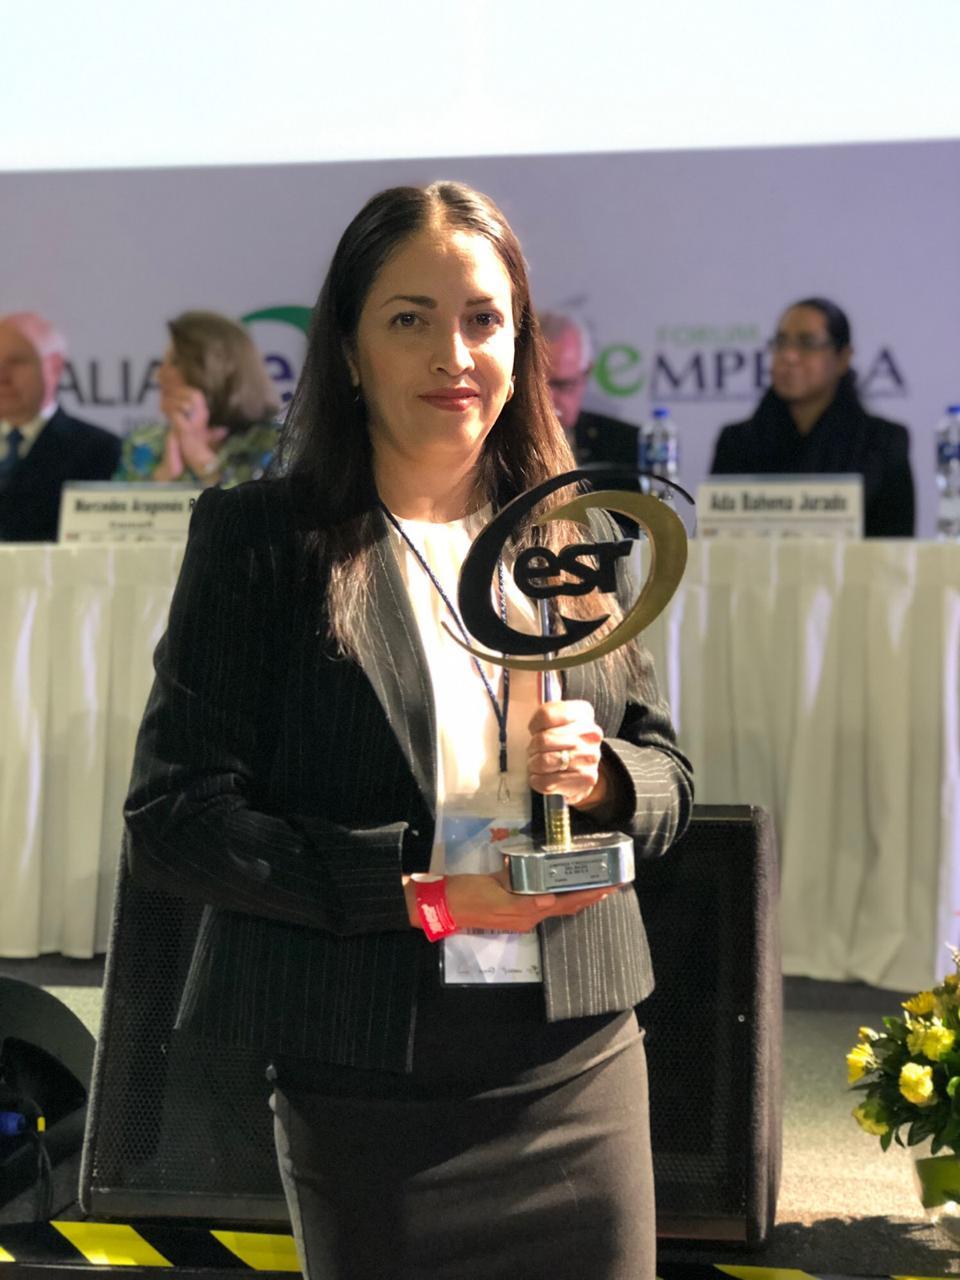 Lyrba ganadora del Distintivo ESR por 5to. año consecutivo.